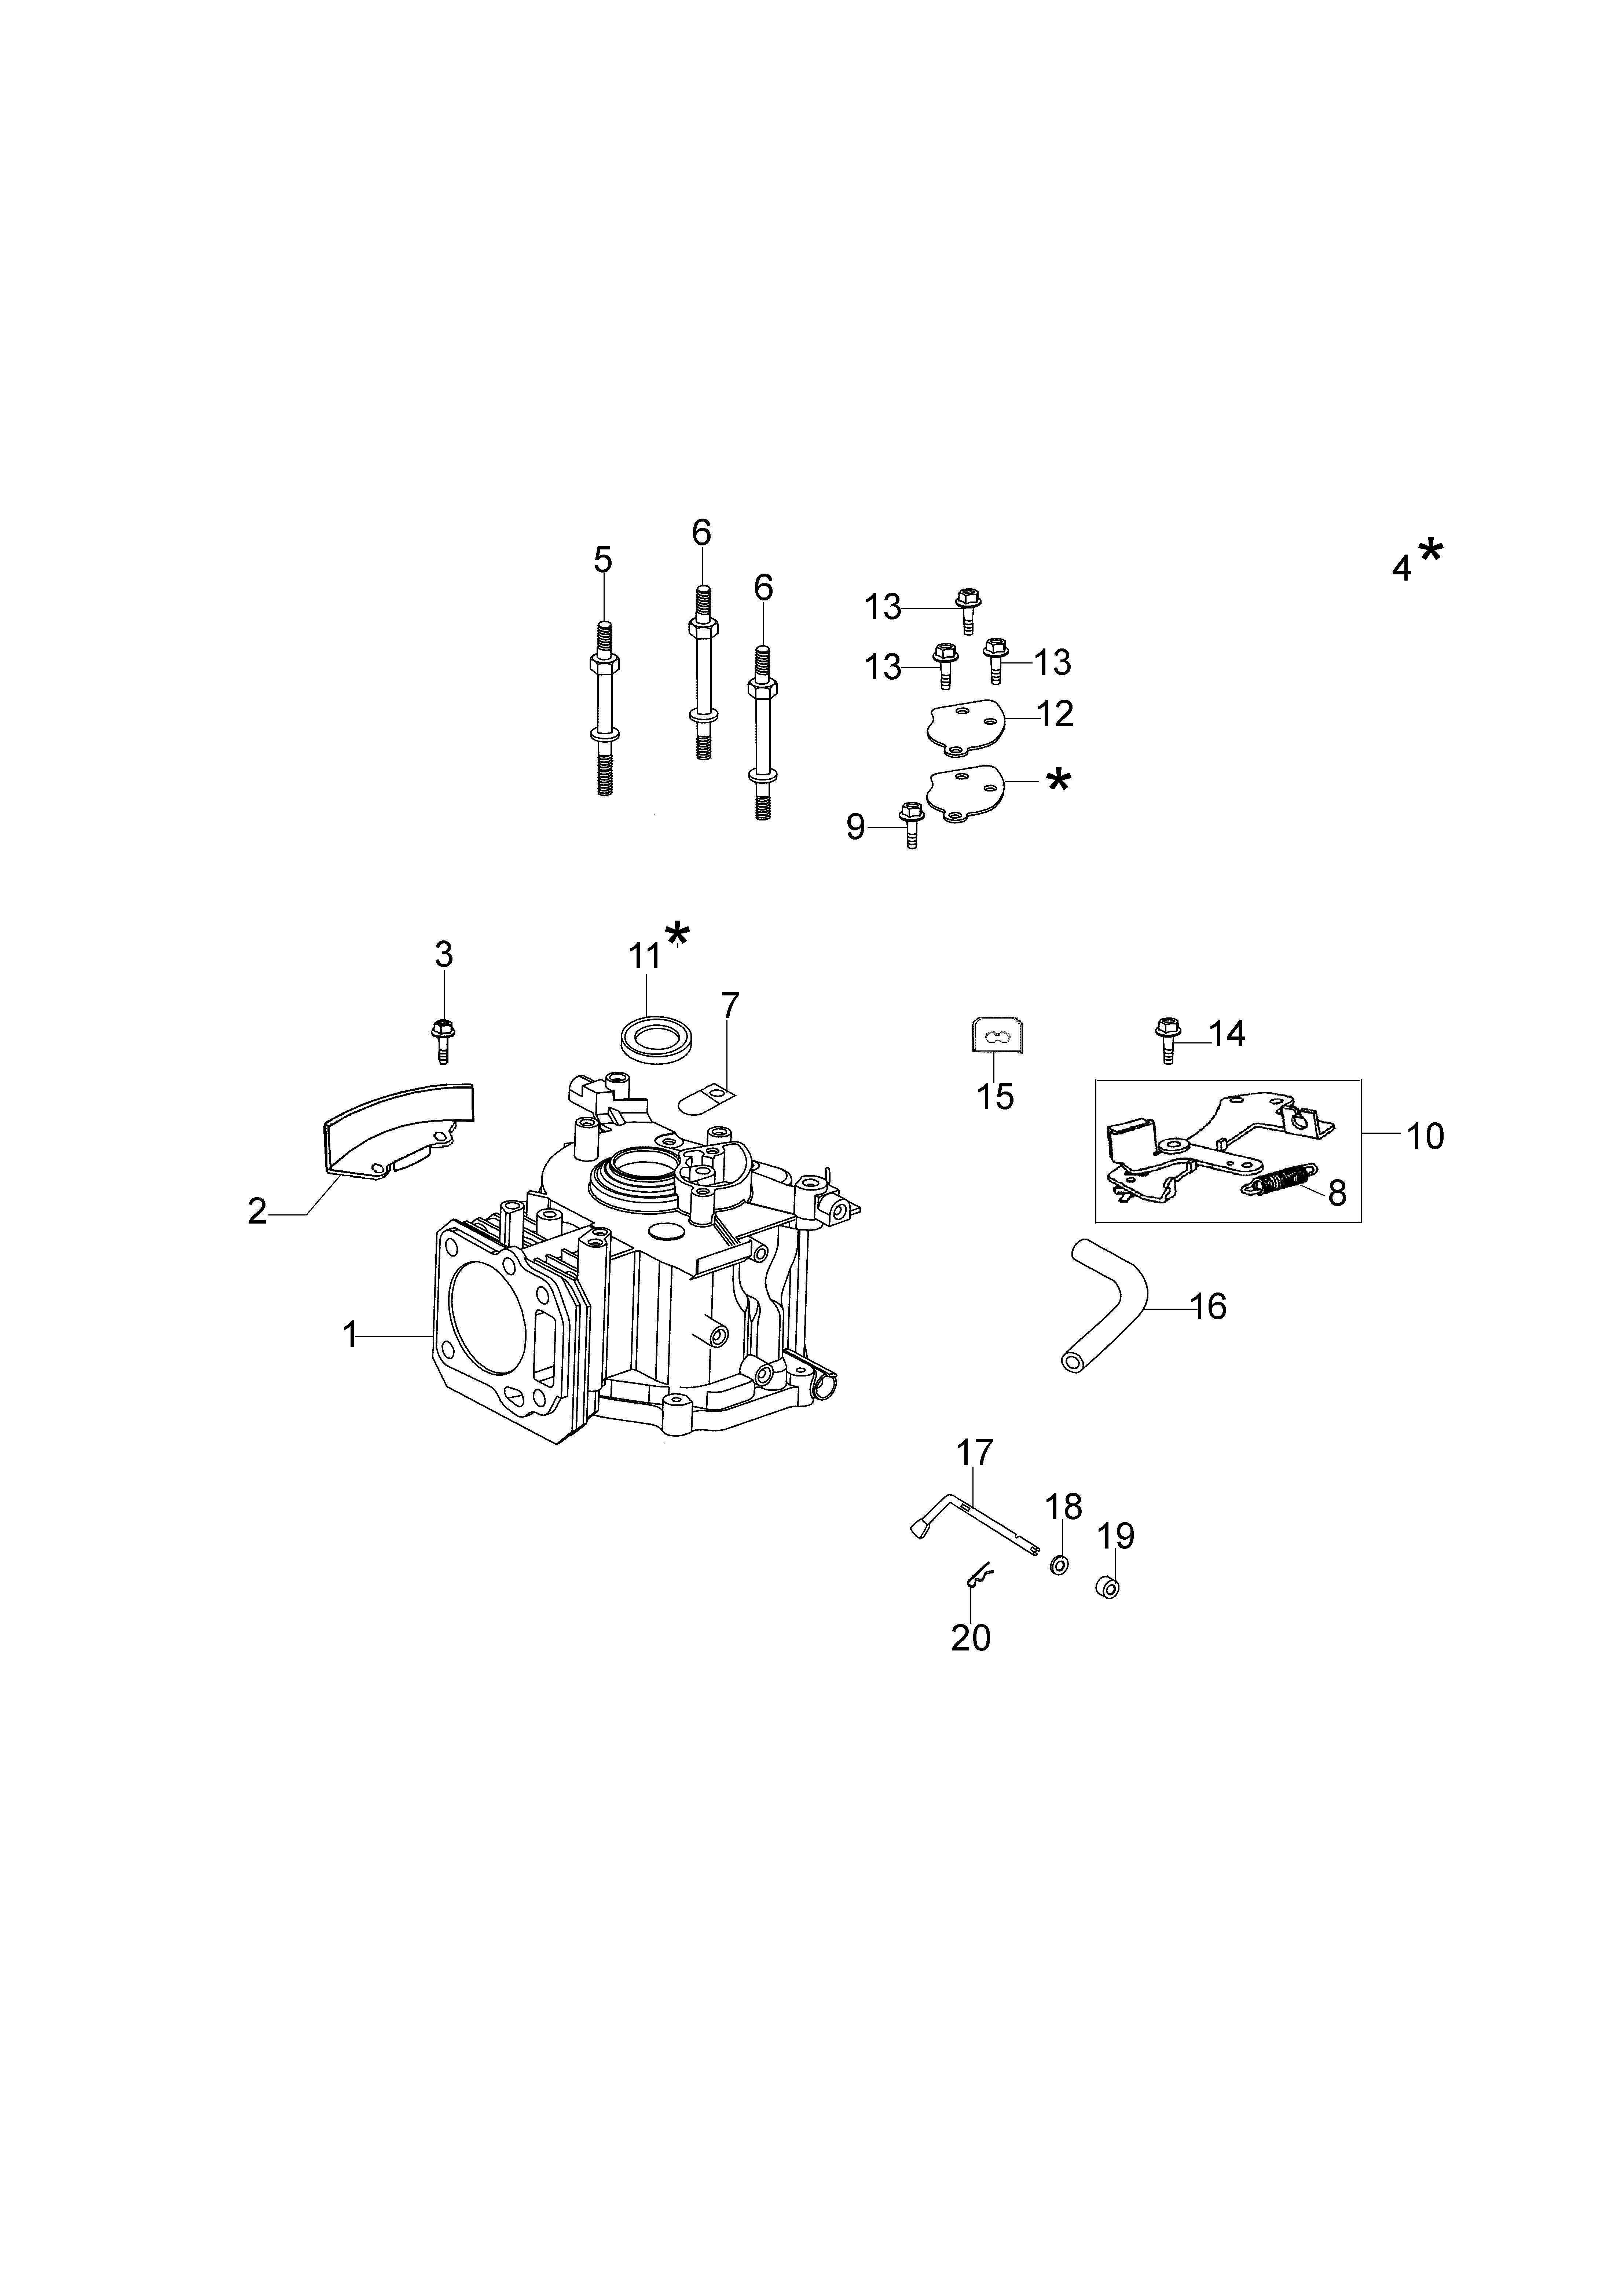 MOTEUR K650 emak vue éclatée Dessins pièces - Cylindre et soubassement